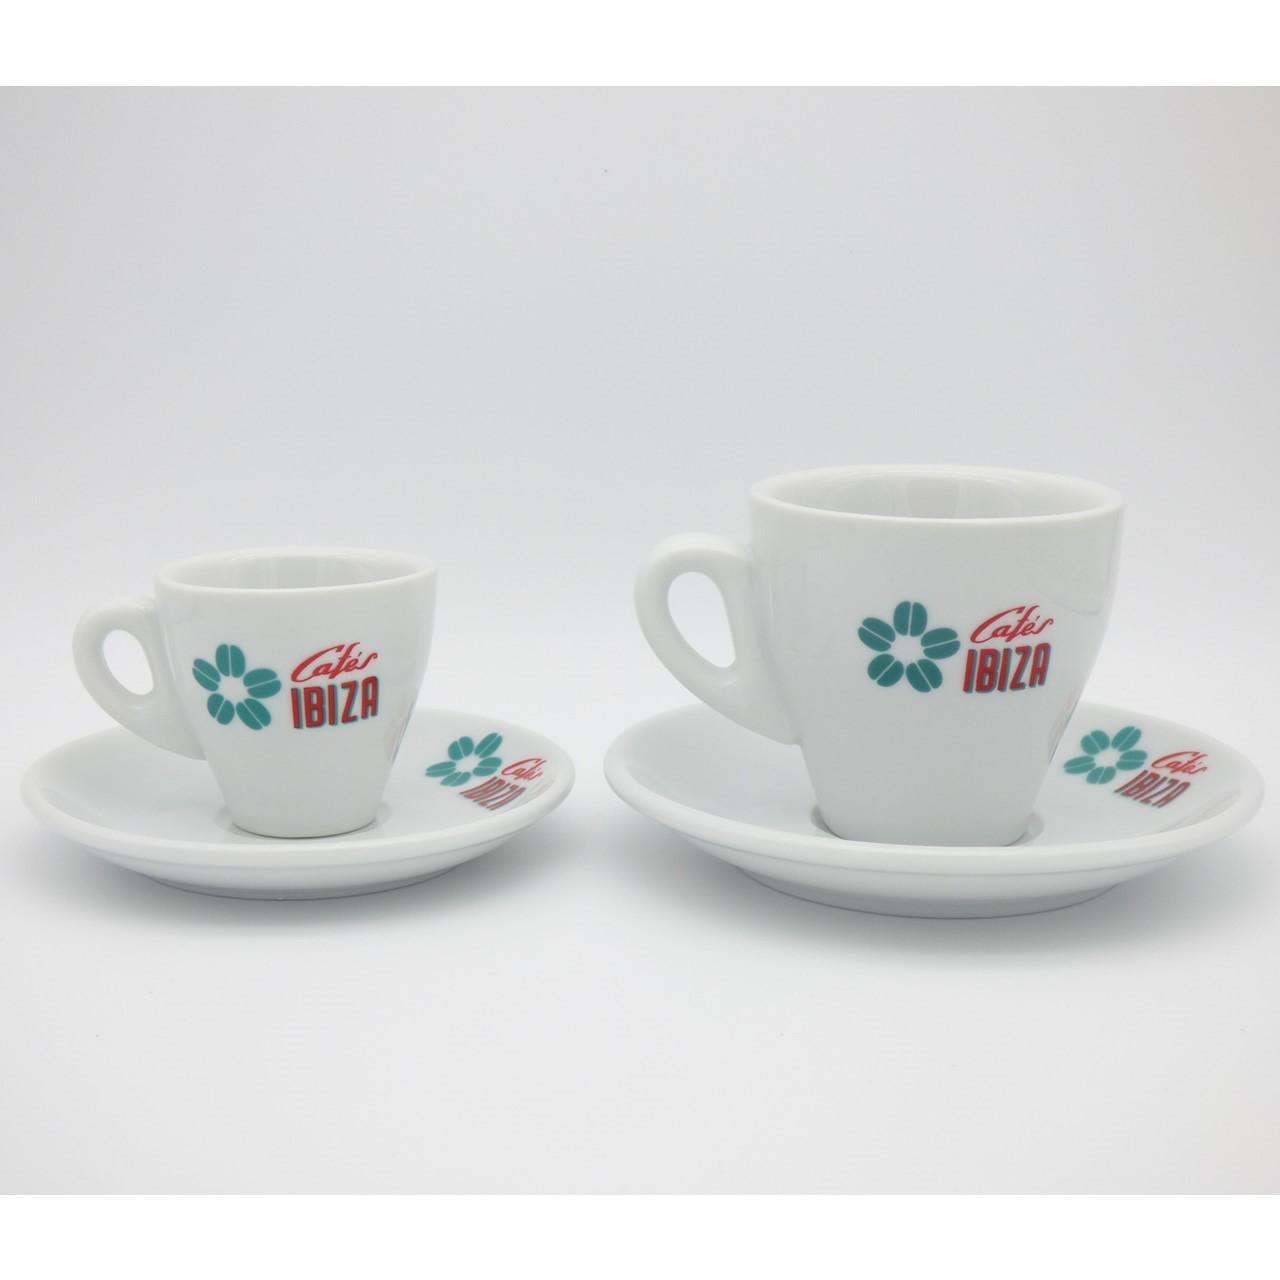 Größenvergleich Espresso- und Milchkaffee-Tasse